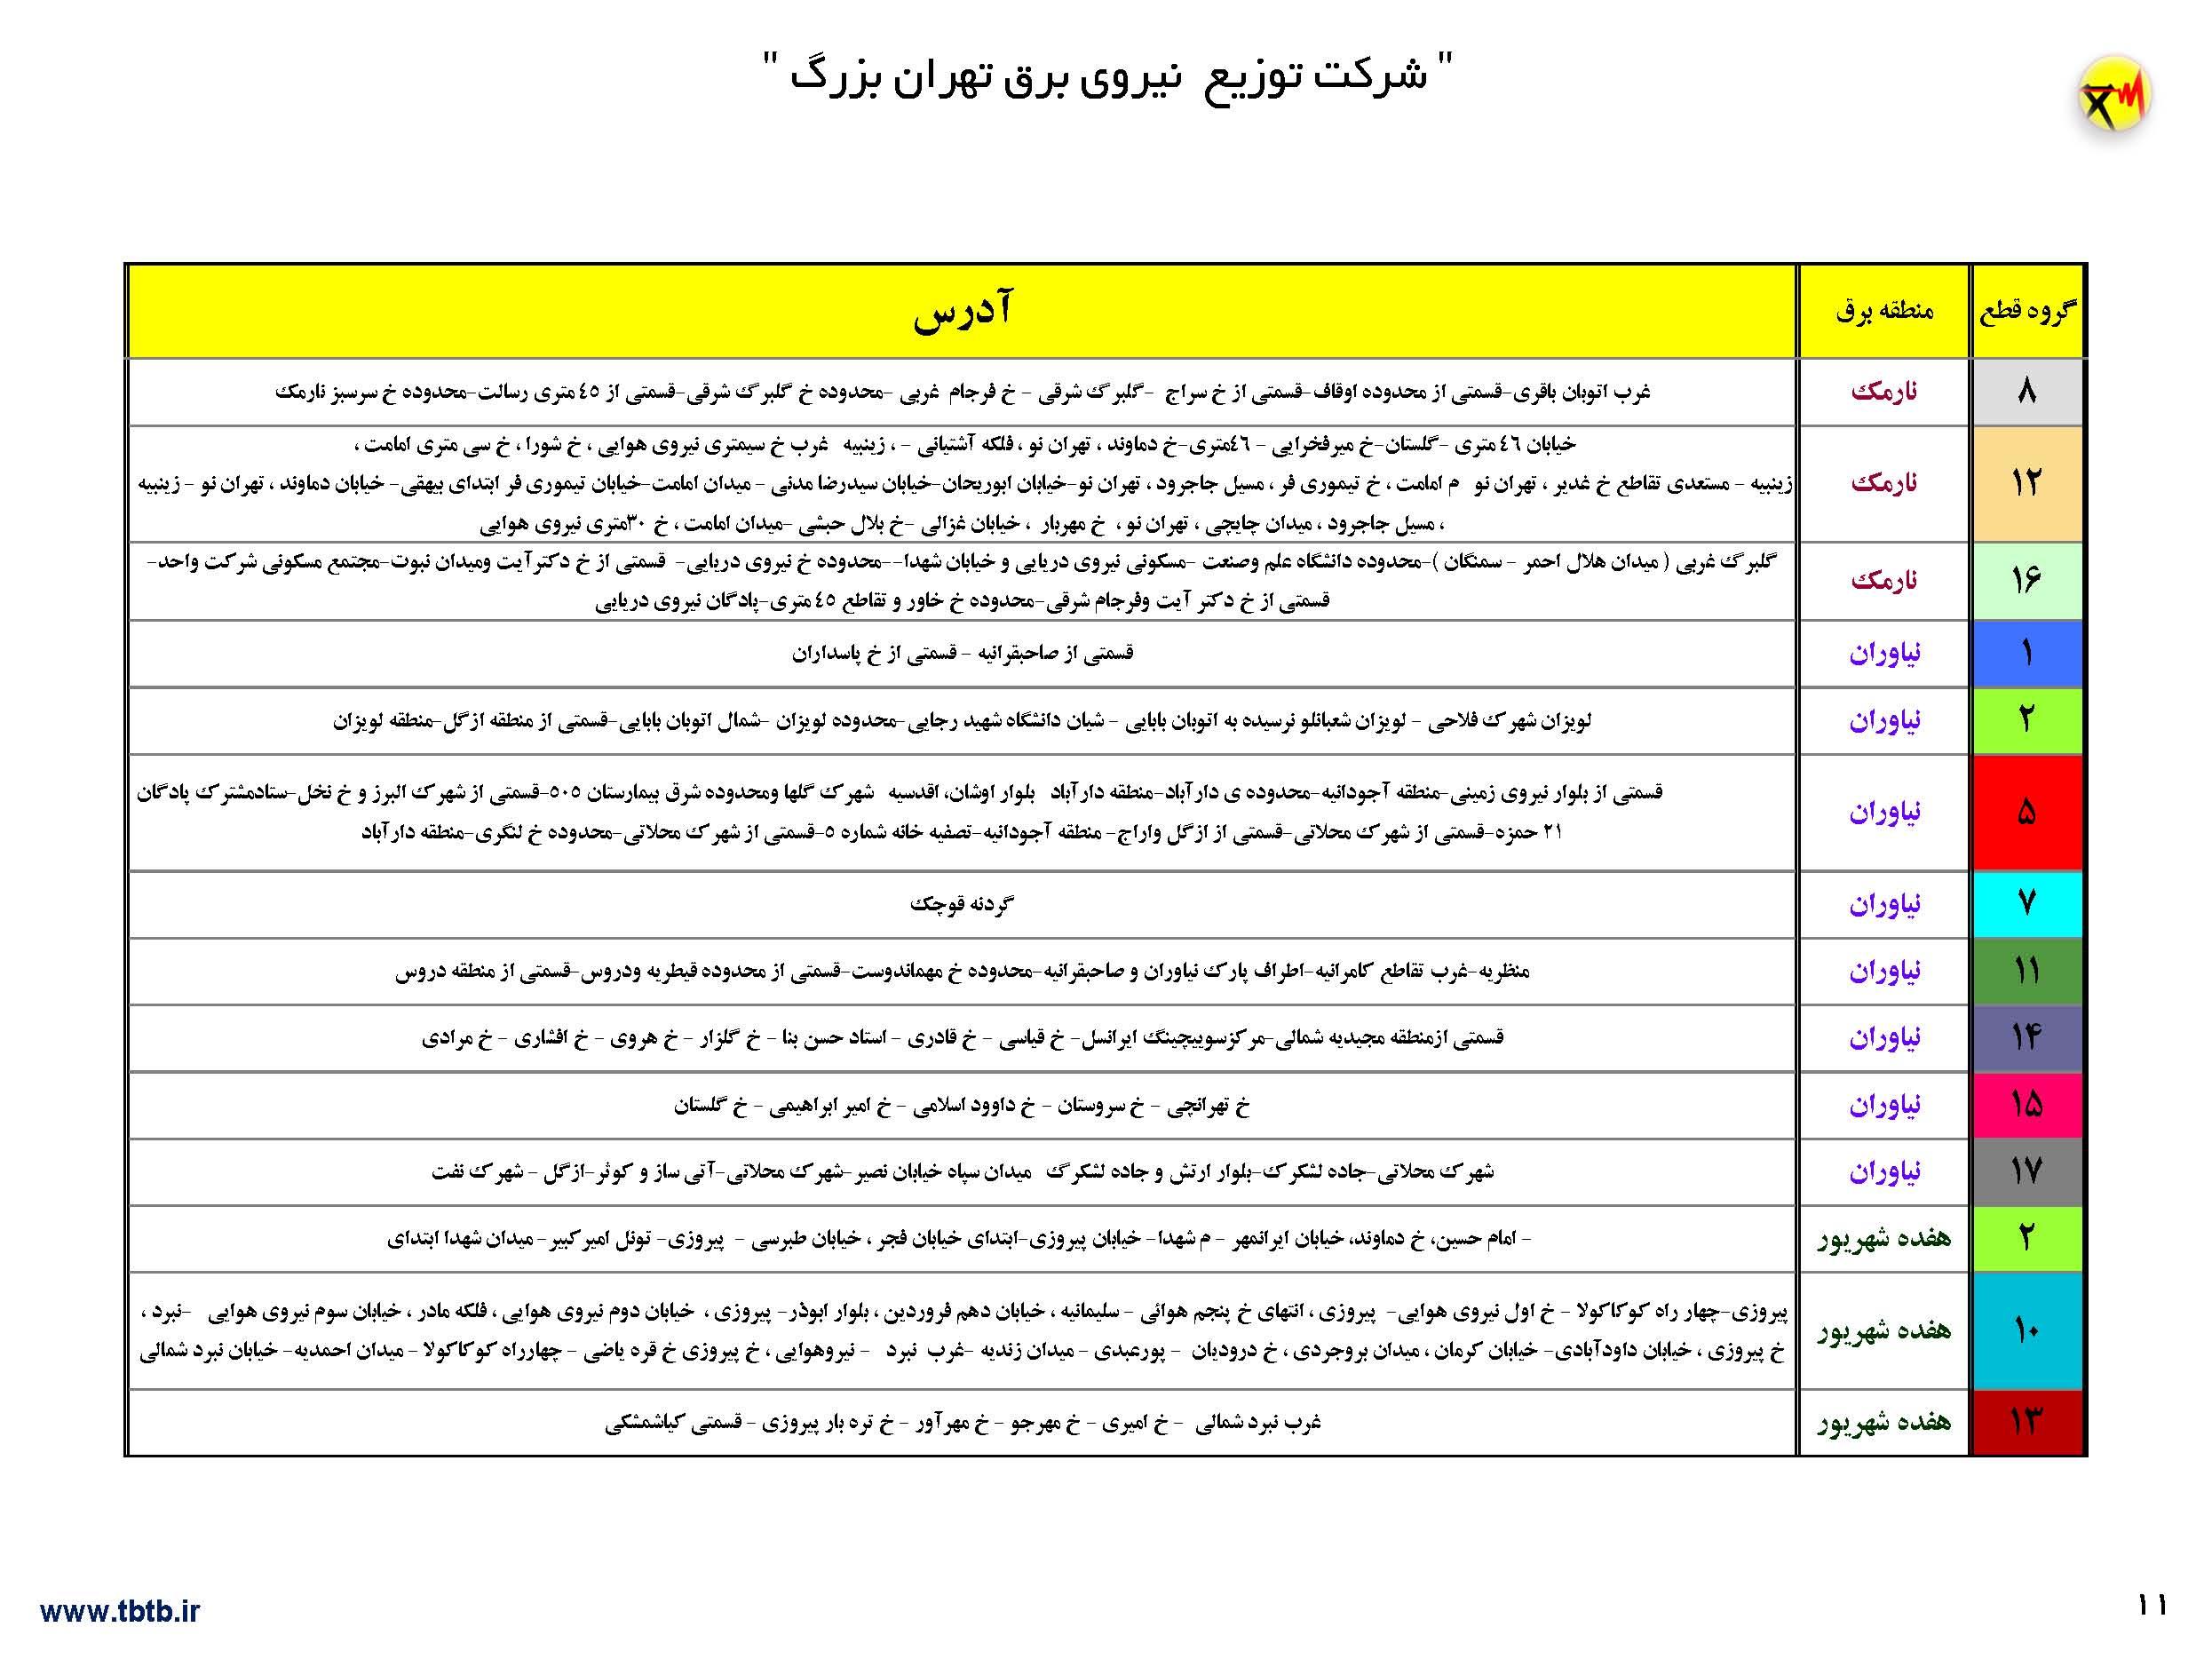 زمان بندی خاموشی احتمالی تهران از ۲۳ تا ۳۰ مرداد